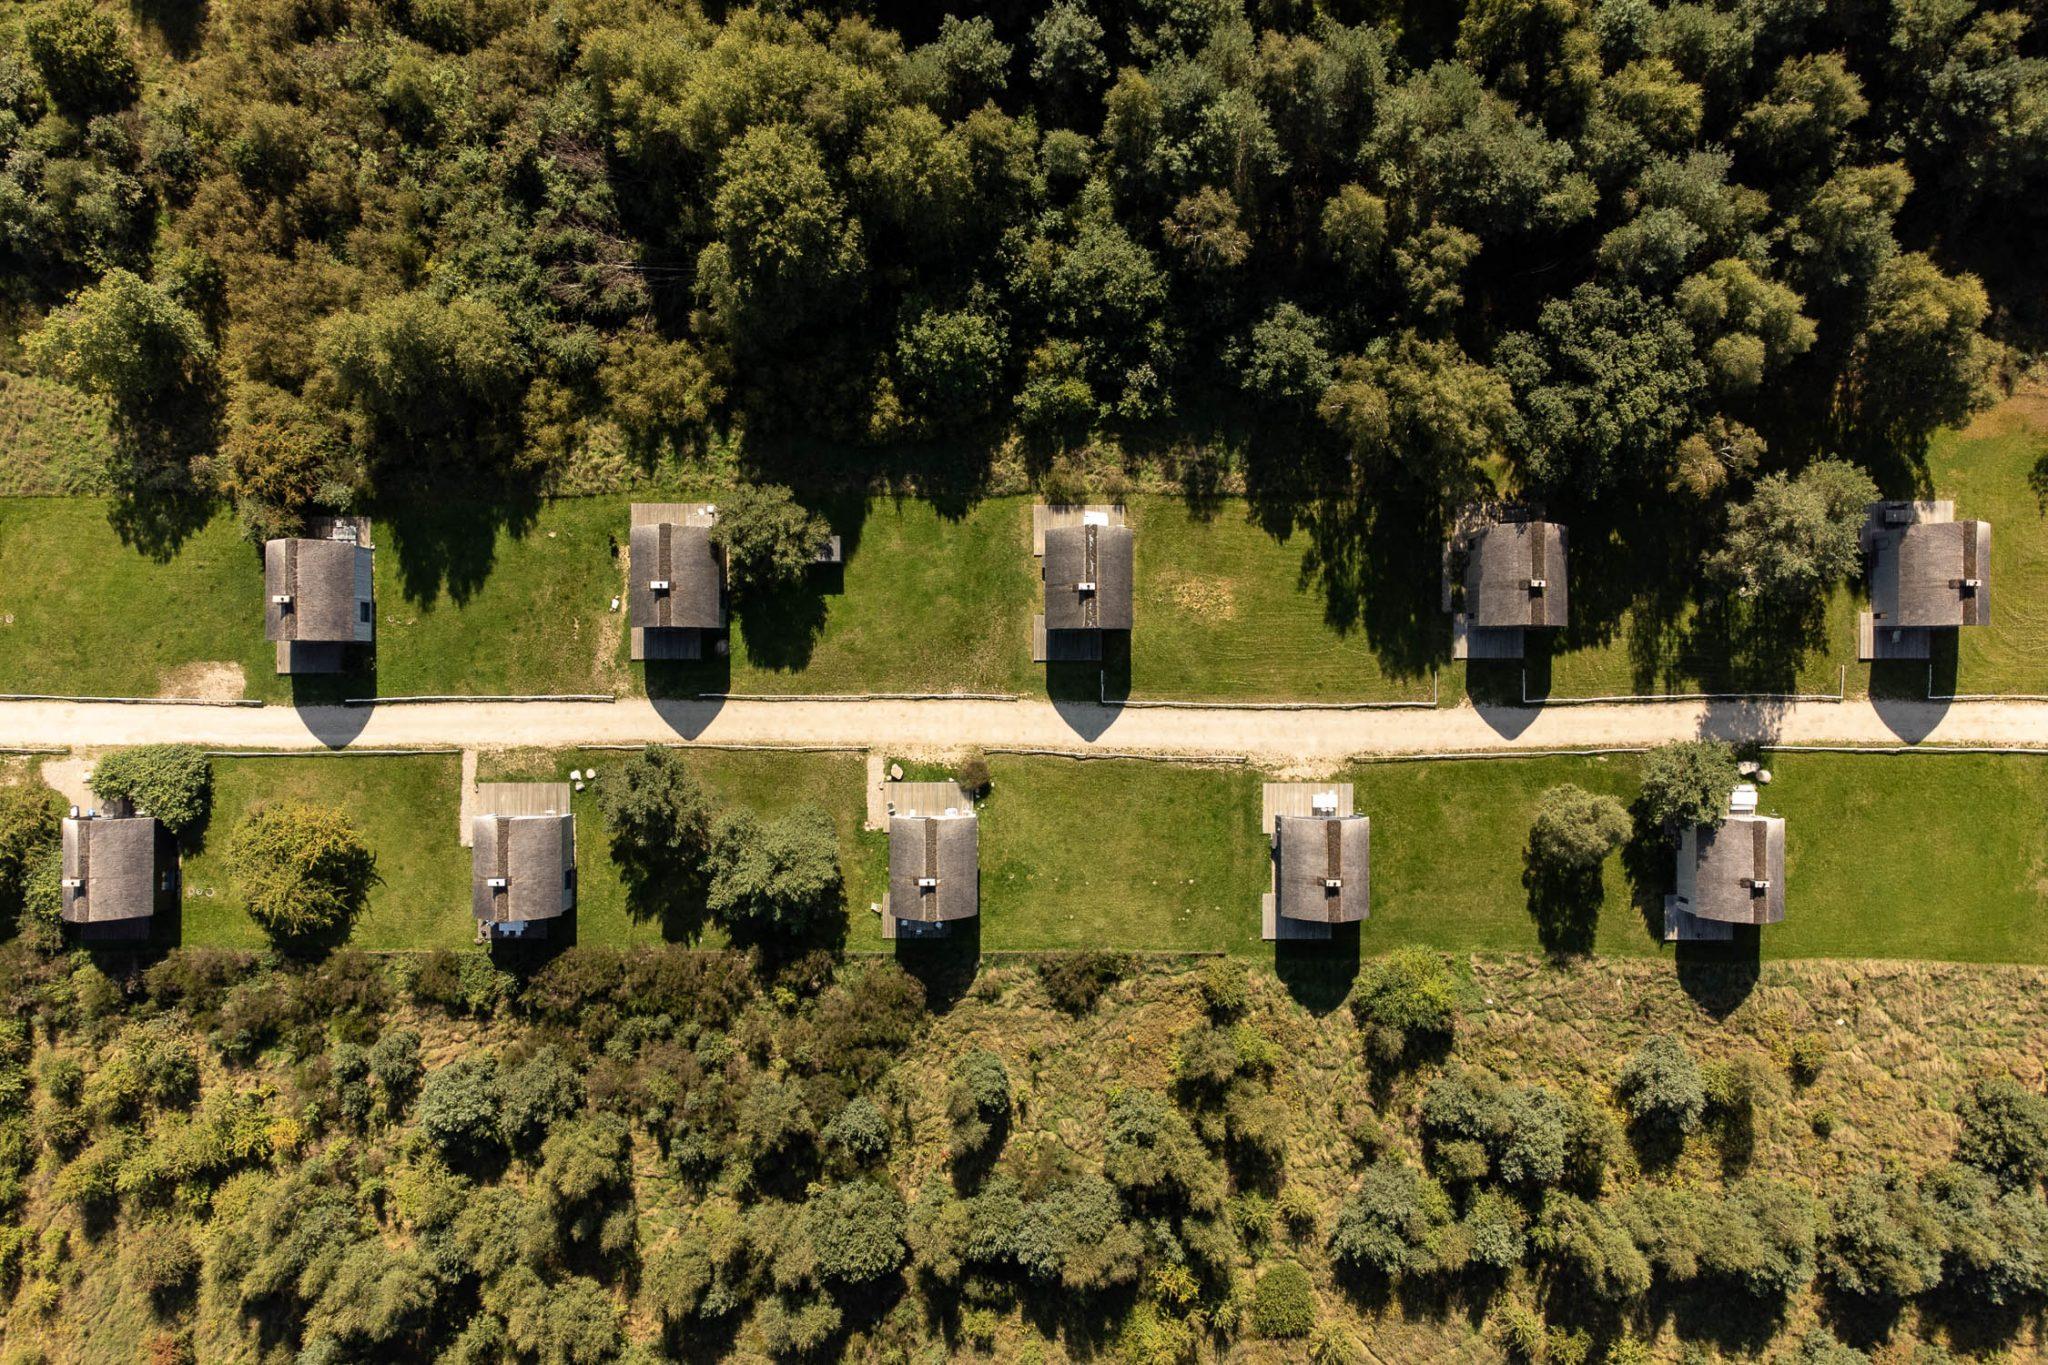 Cisowy Zakatek 5 - Cisowy Zakątek - niezwykłe domy nad morzem w Sasinie